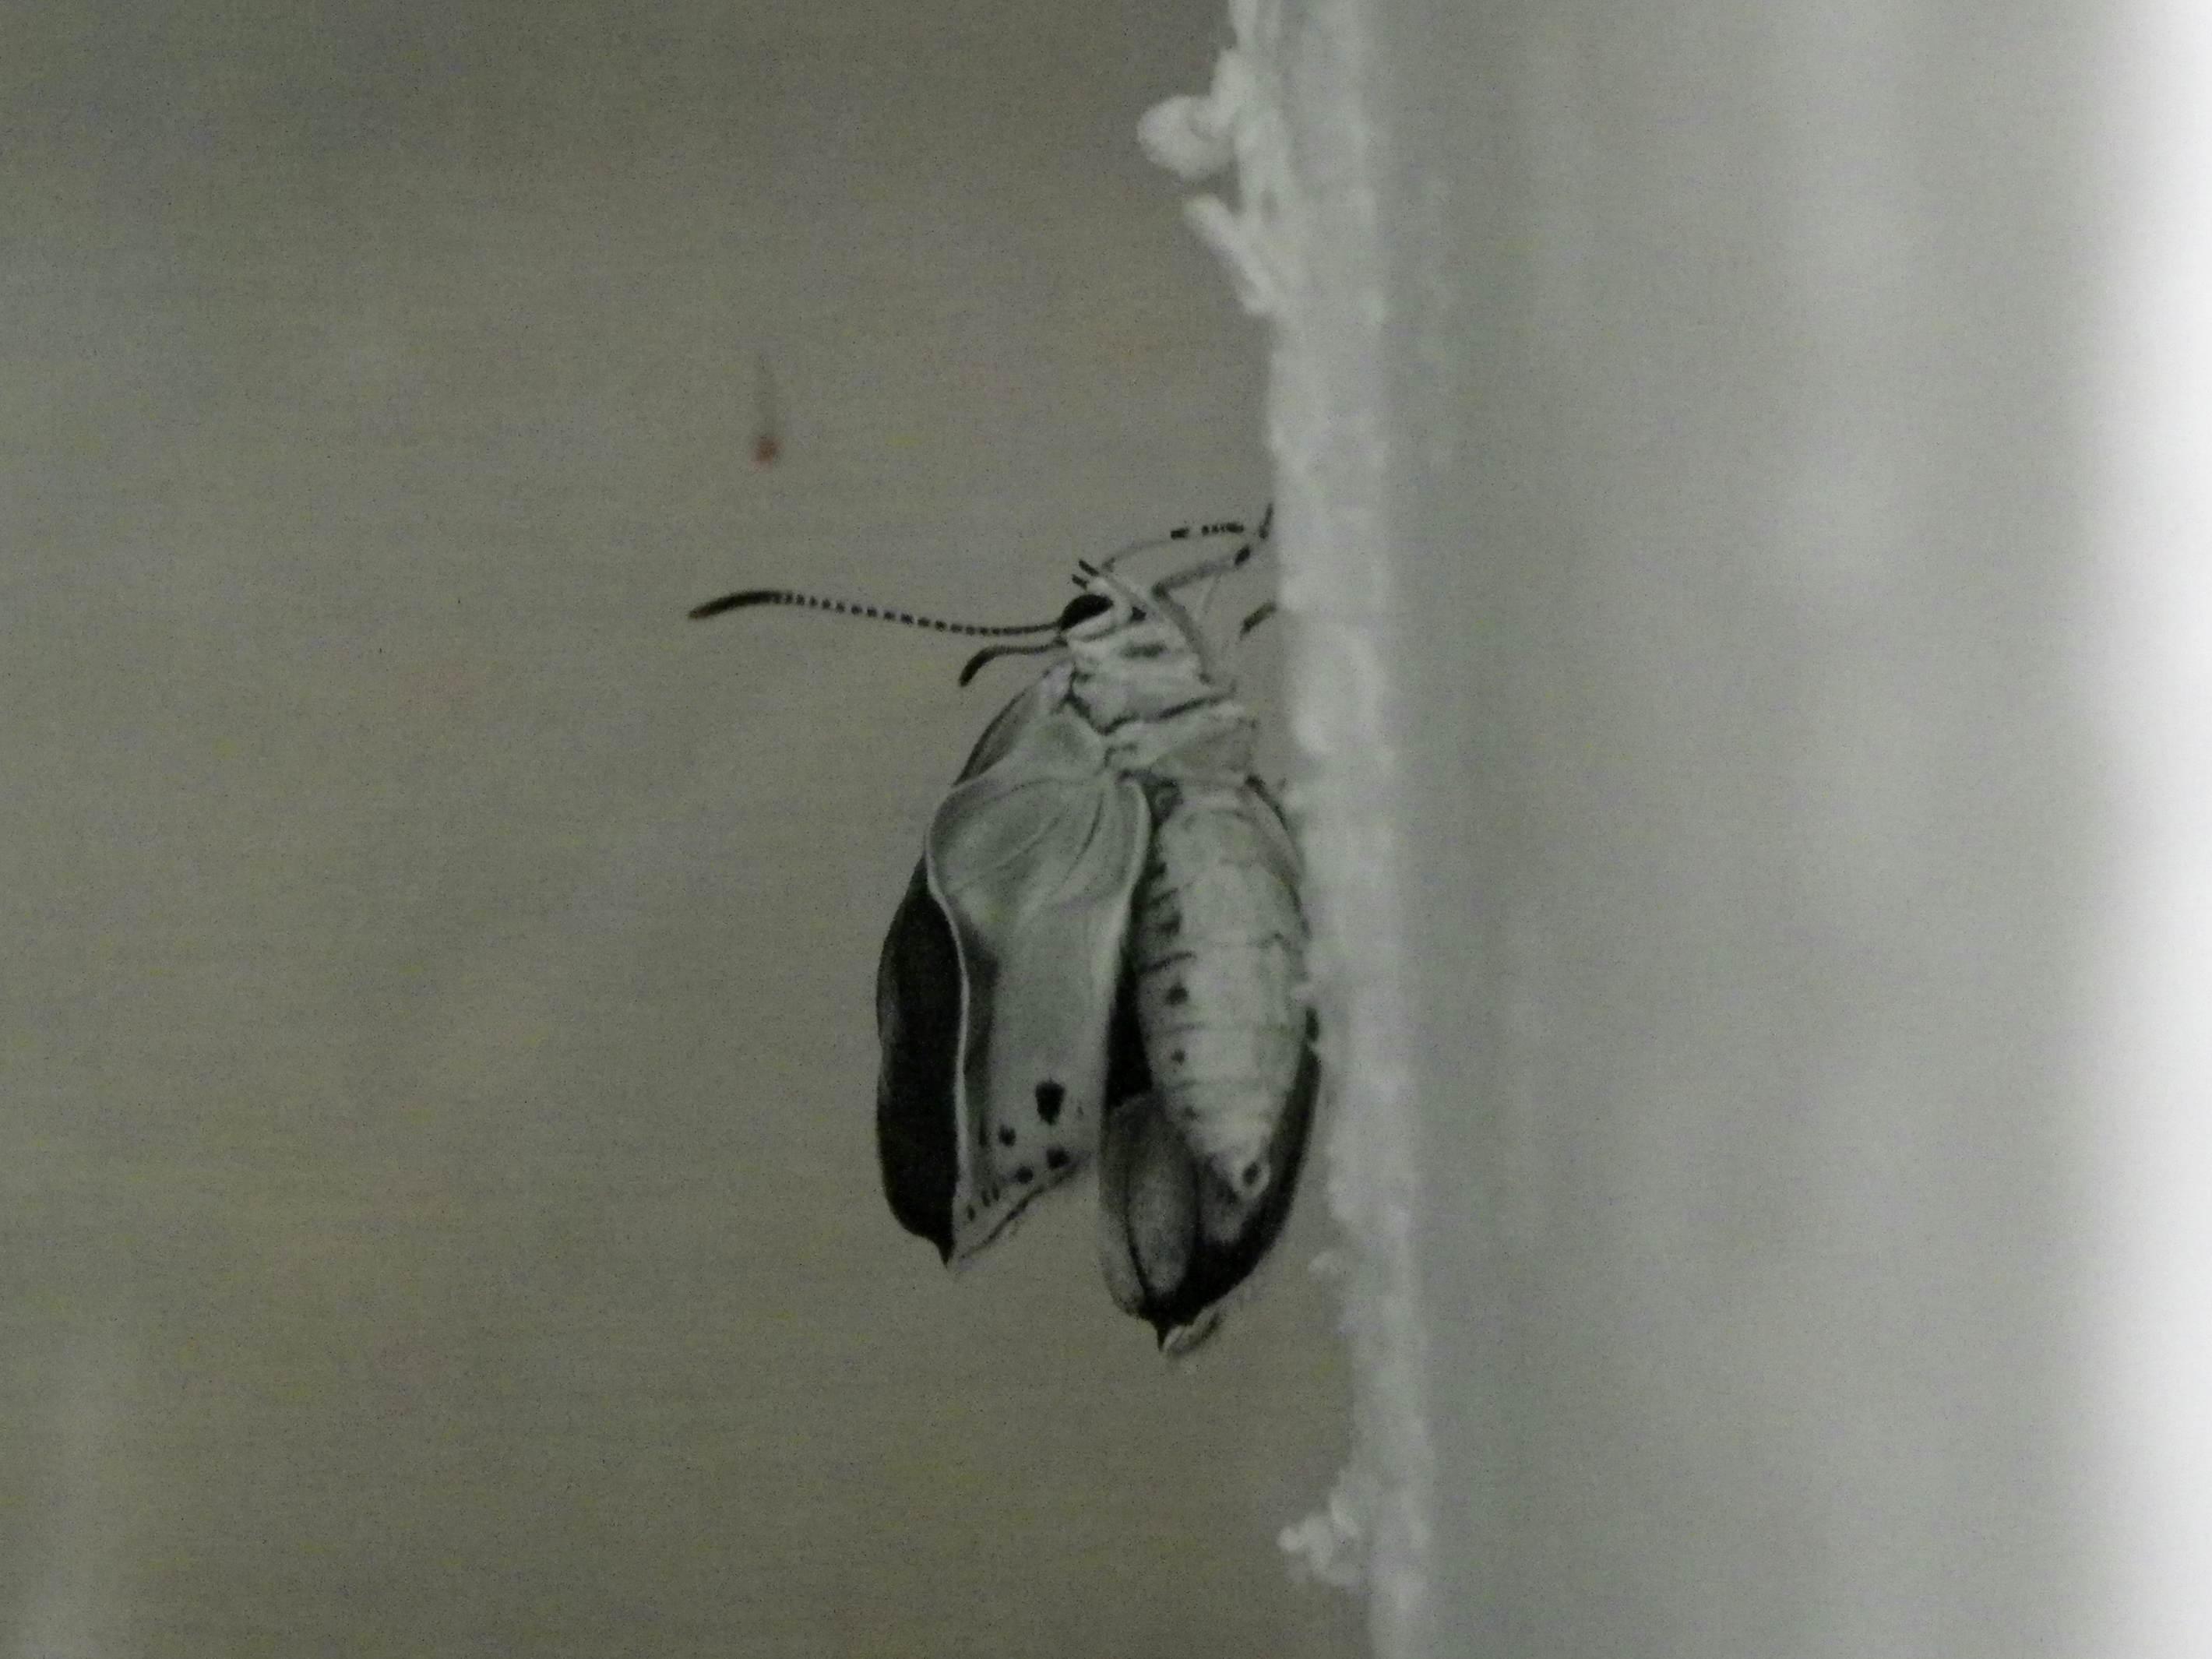 ウラゴマダラシジミの放蝶 5月13日_d0254540_16591634.jpg